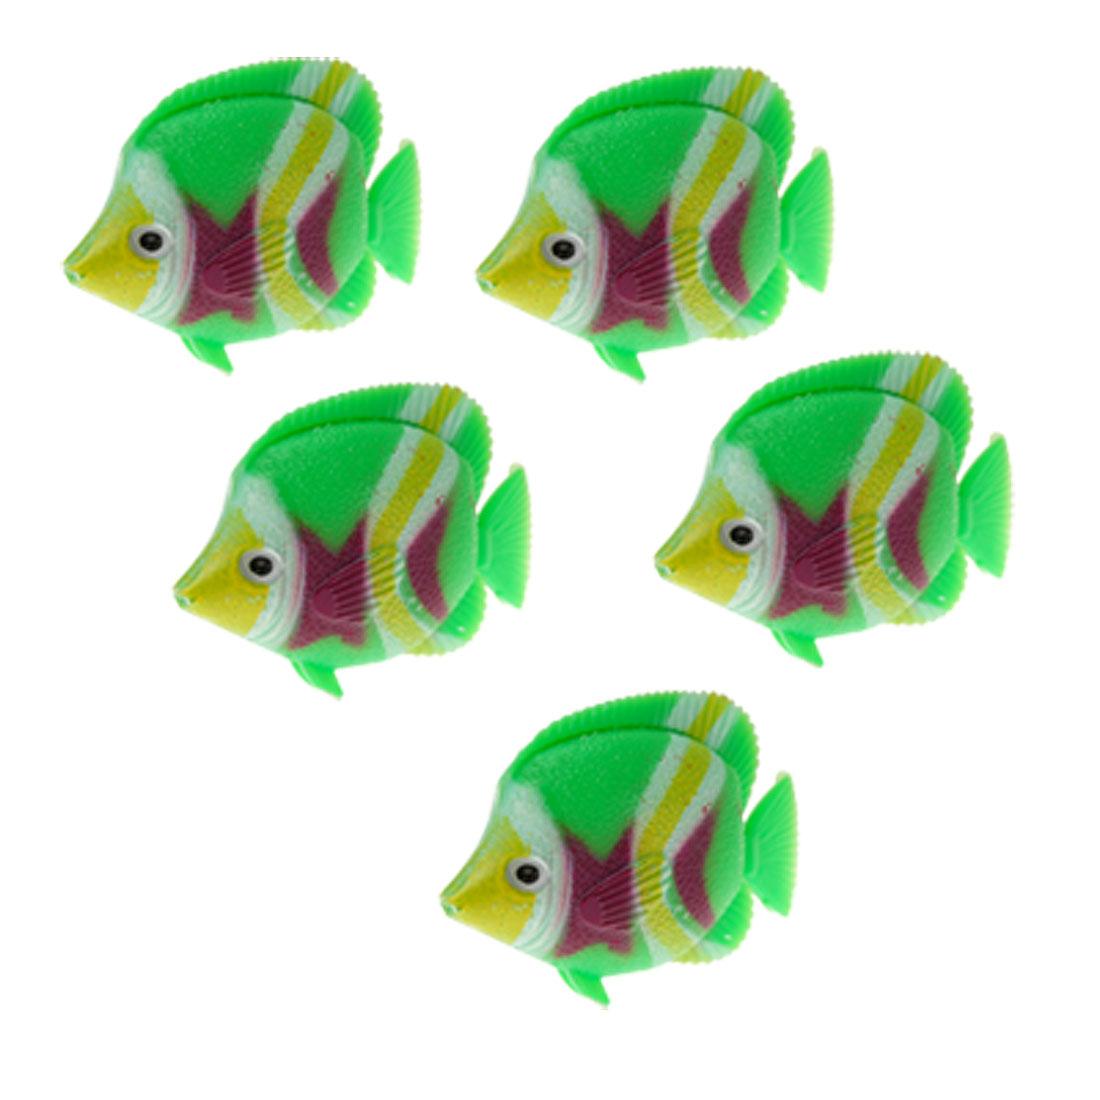 5 PCS Green Plastic Tank Fish Aquarium Floating Ornament Decor